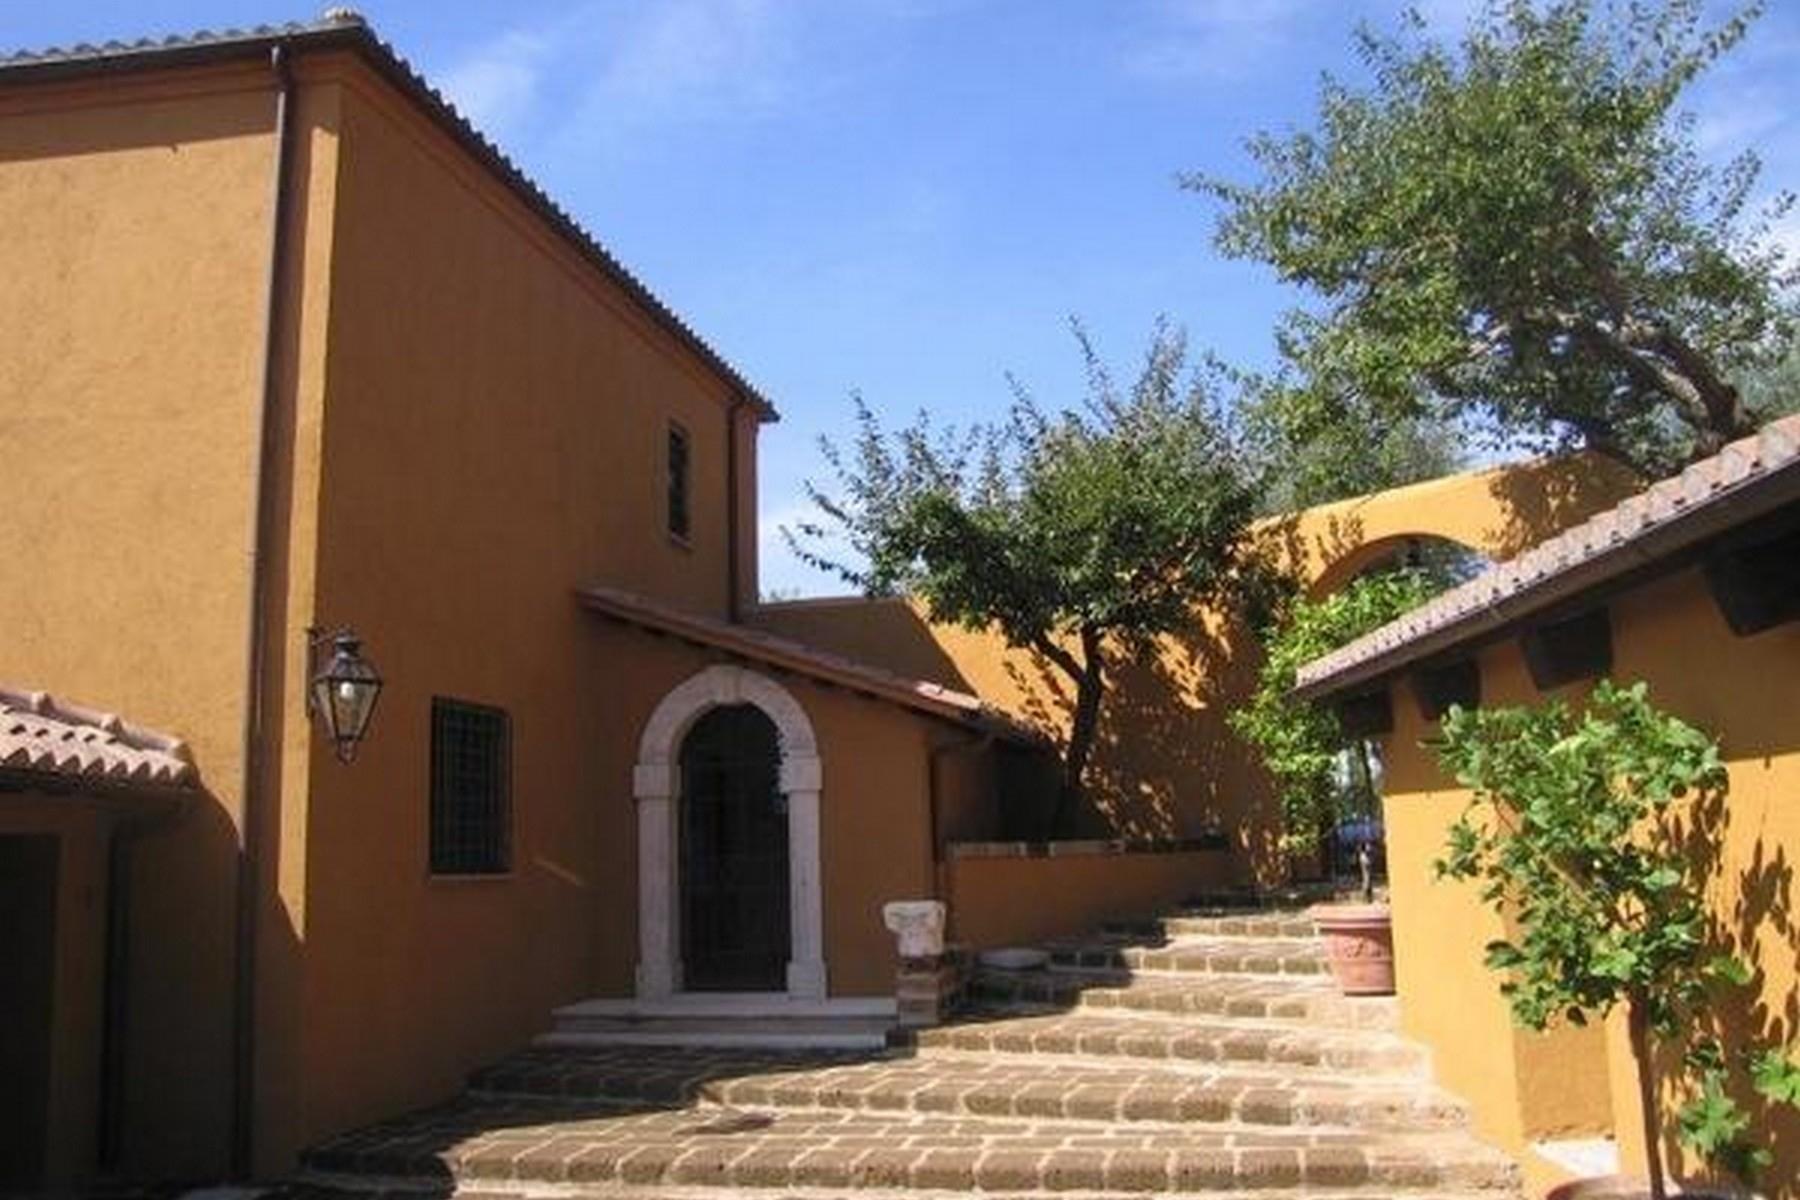 Villa in Vendita a Otricoli: 5 locali, 770 mq - Foto 3